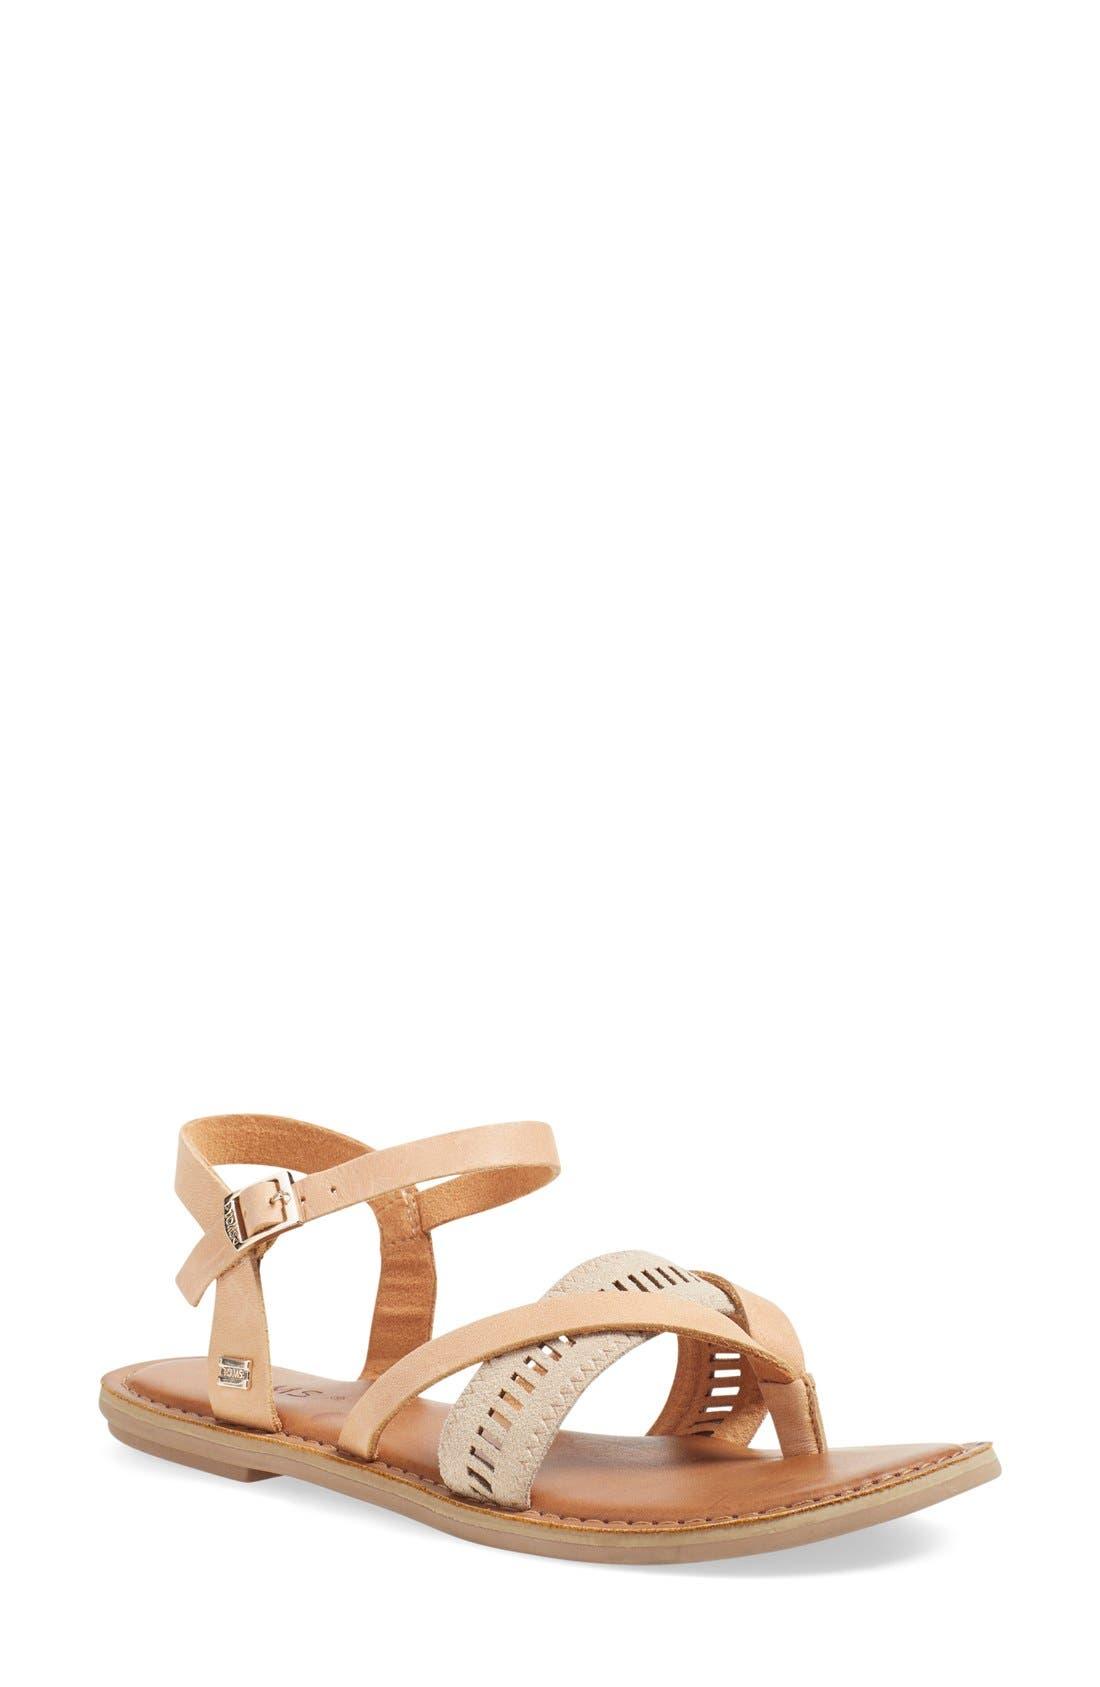 'Lexie' Sandal,                             Main thumbnail 1, color,                             Sandstorm Leather